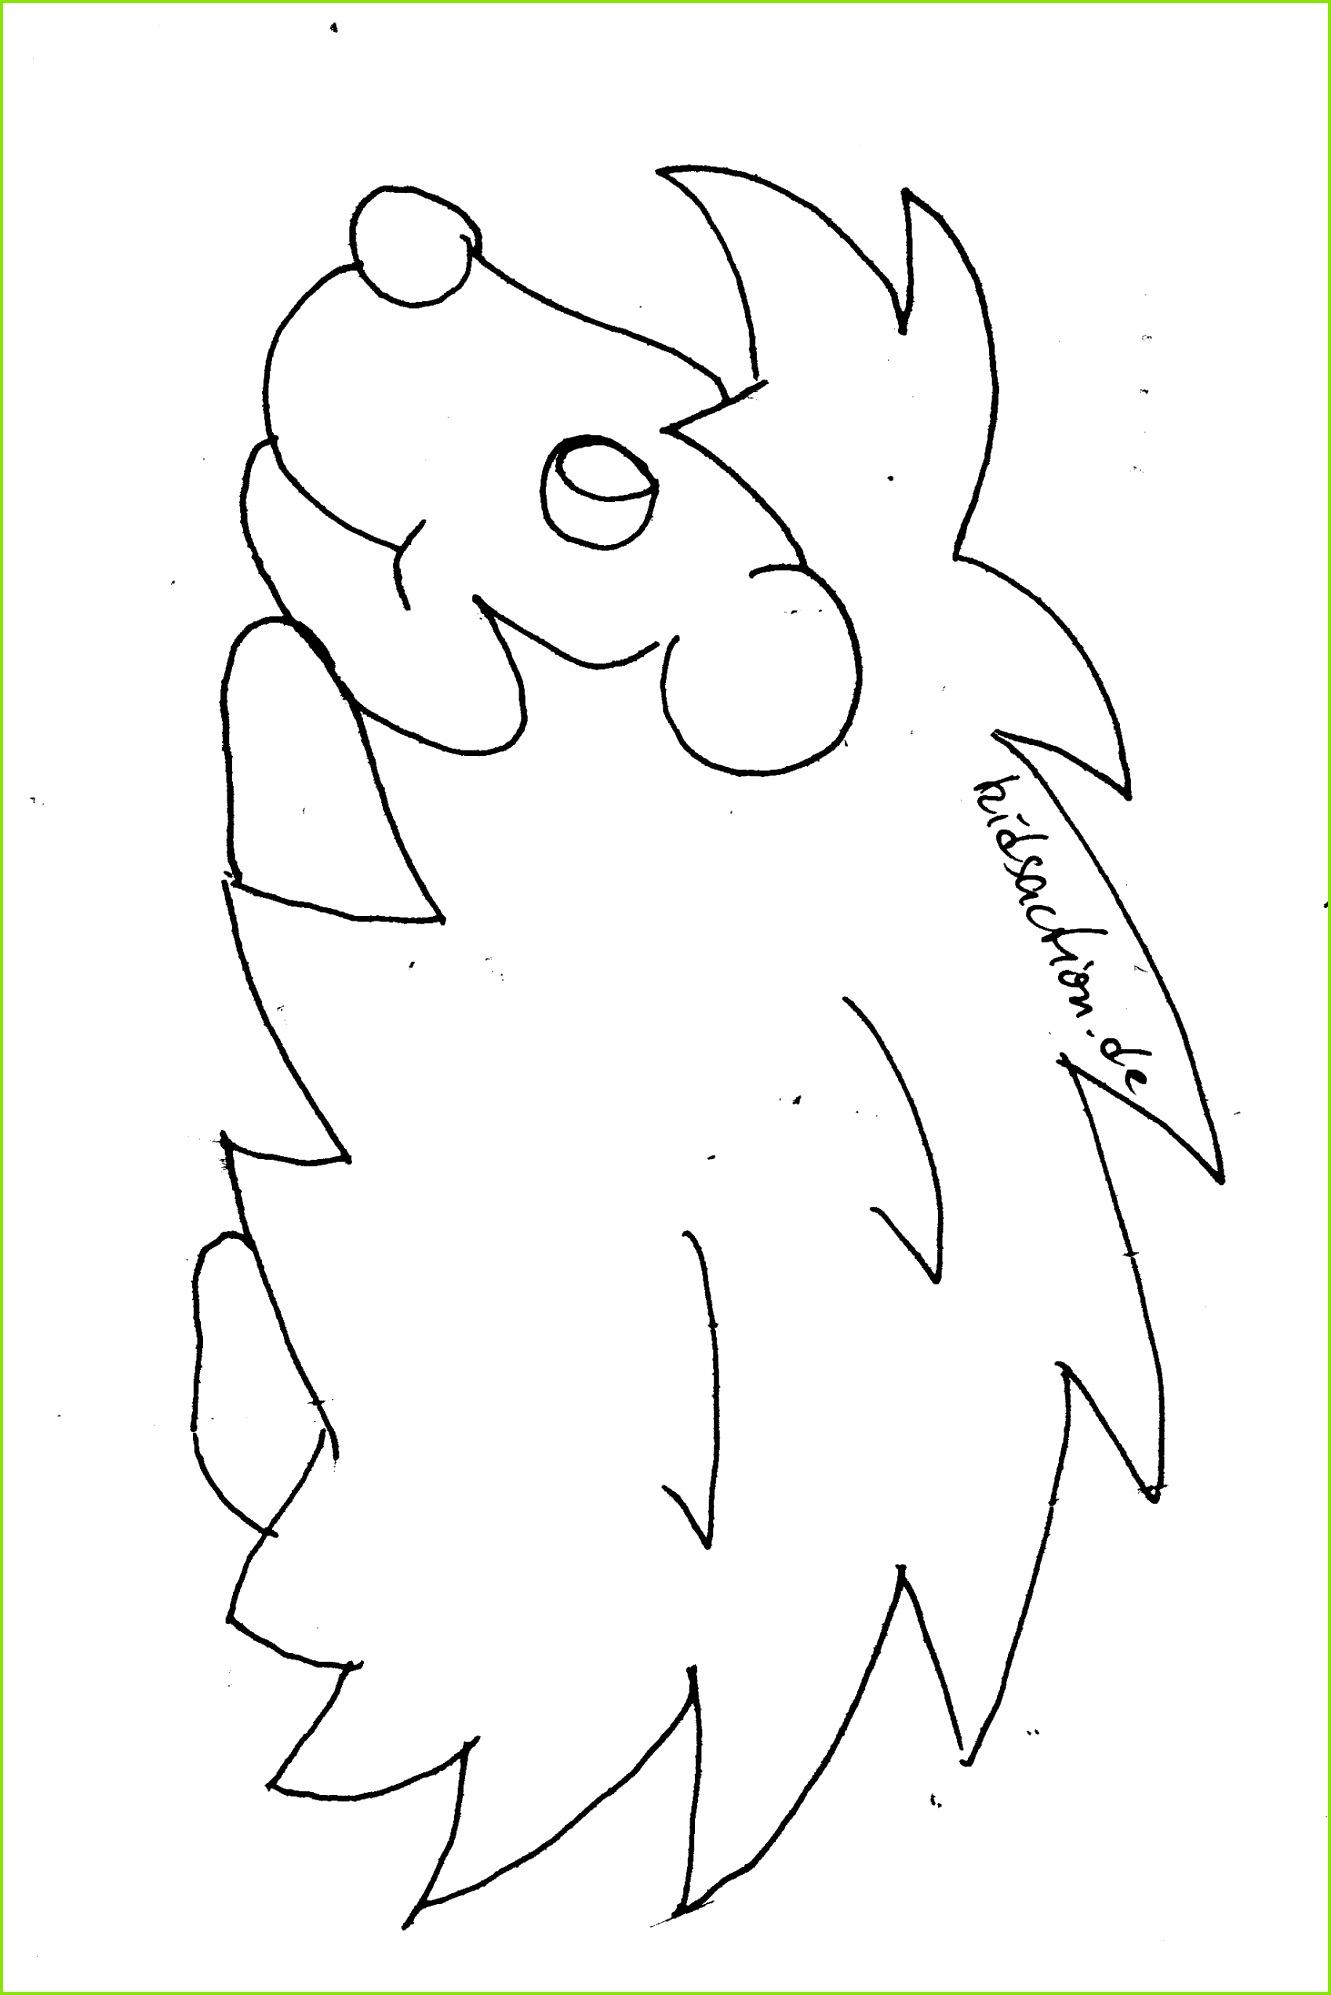 Malvorlage Kinder Luxus Malvorlagen Igel Elegant Igel Grundschule 0d Archives Uploadertalk Bild